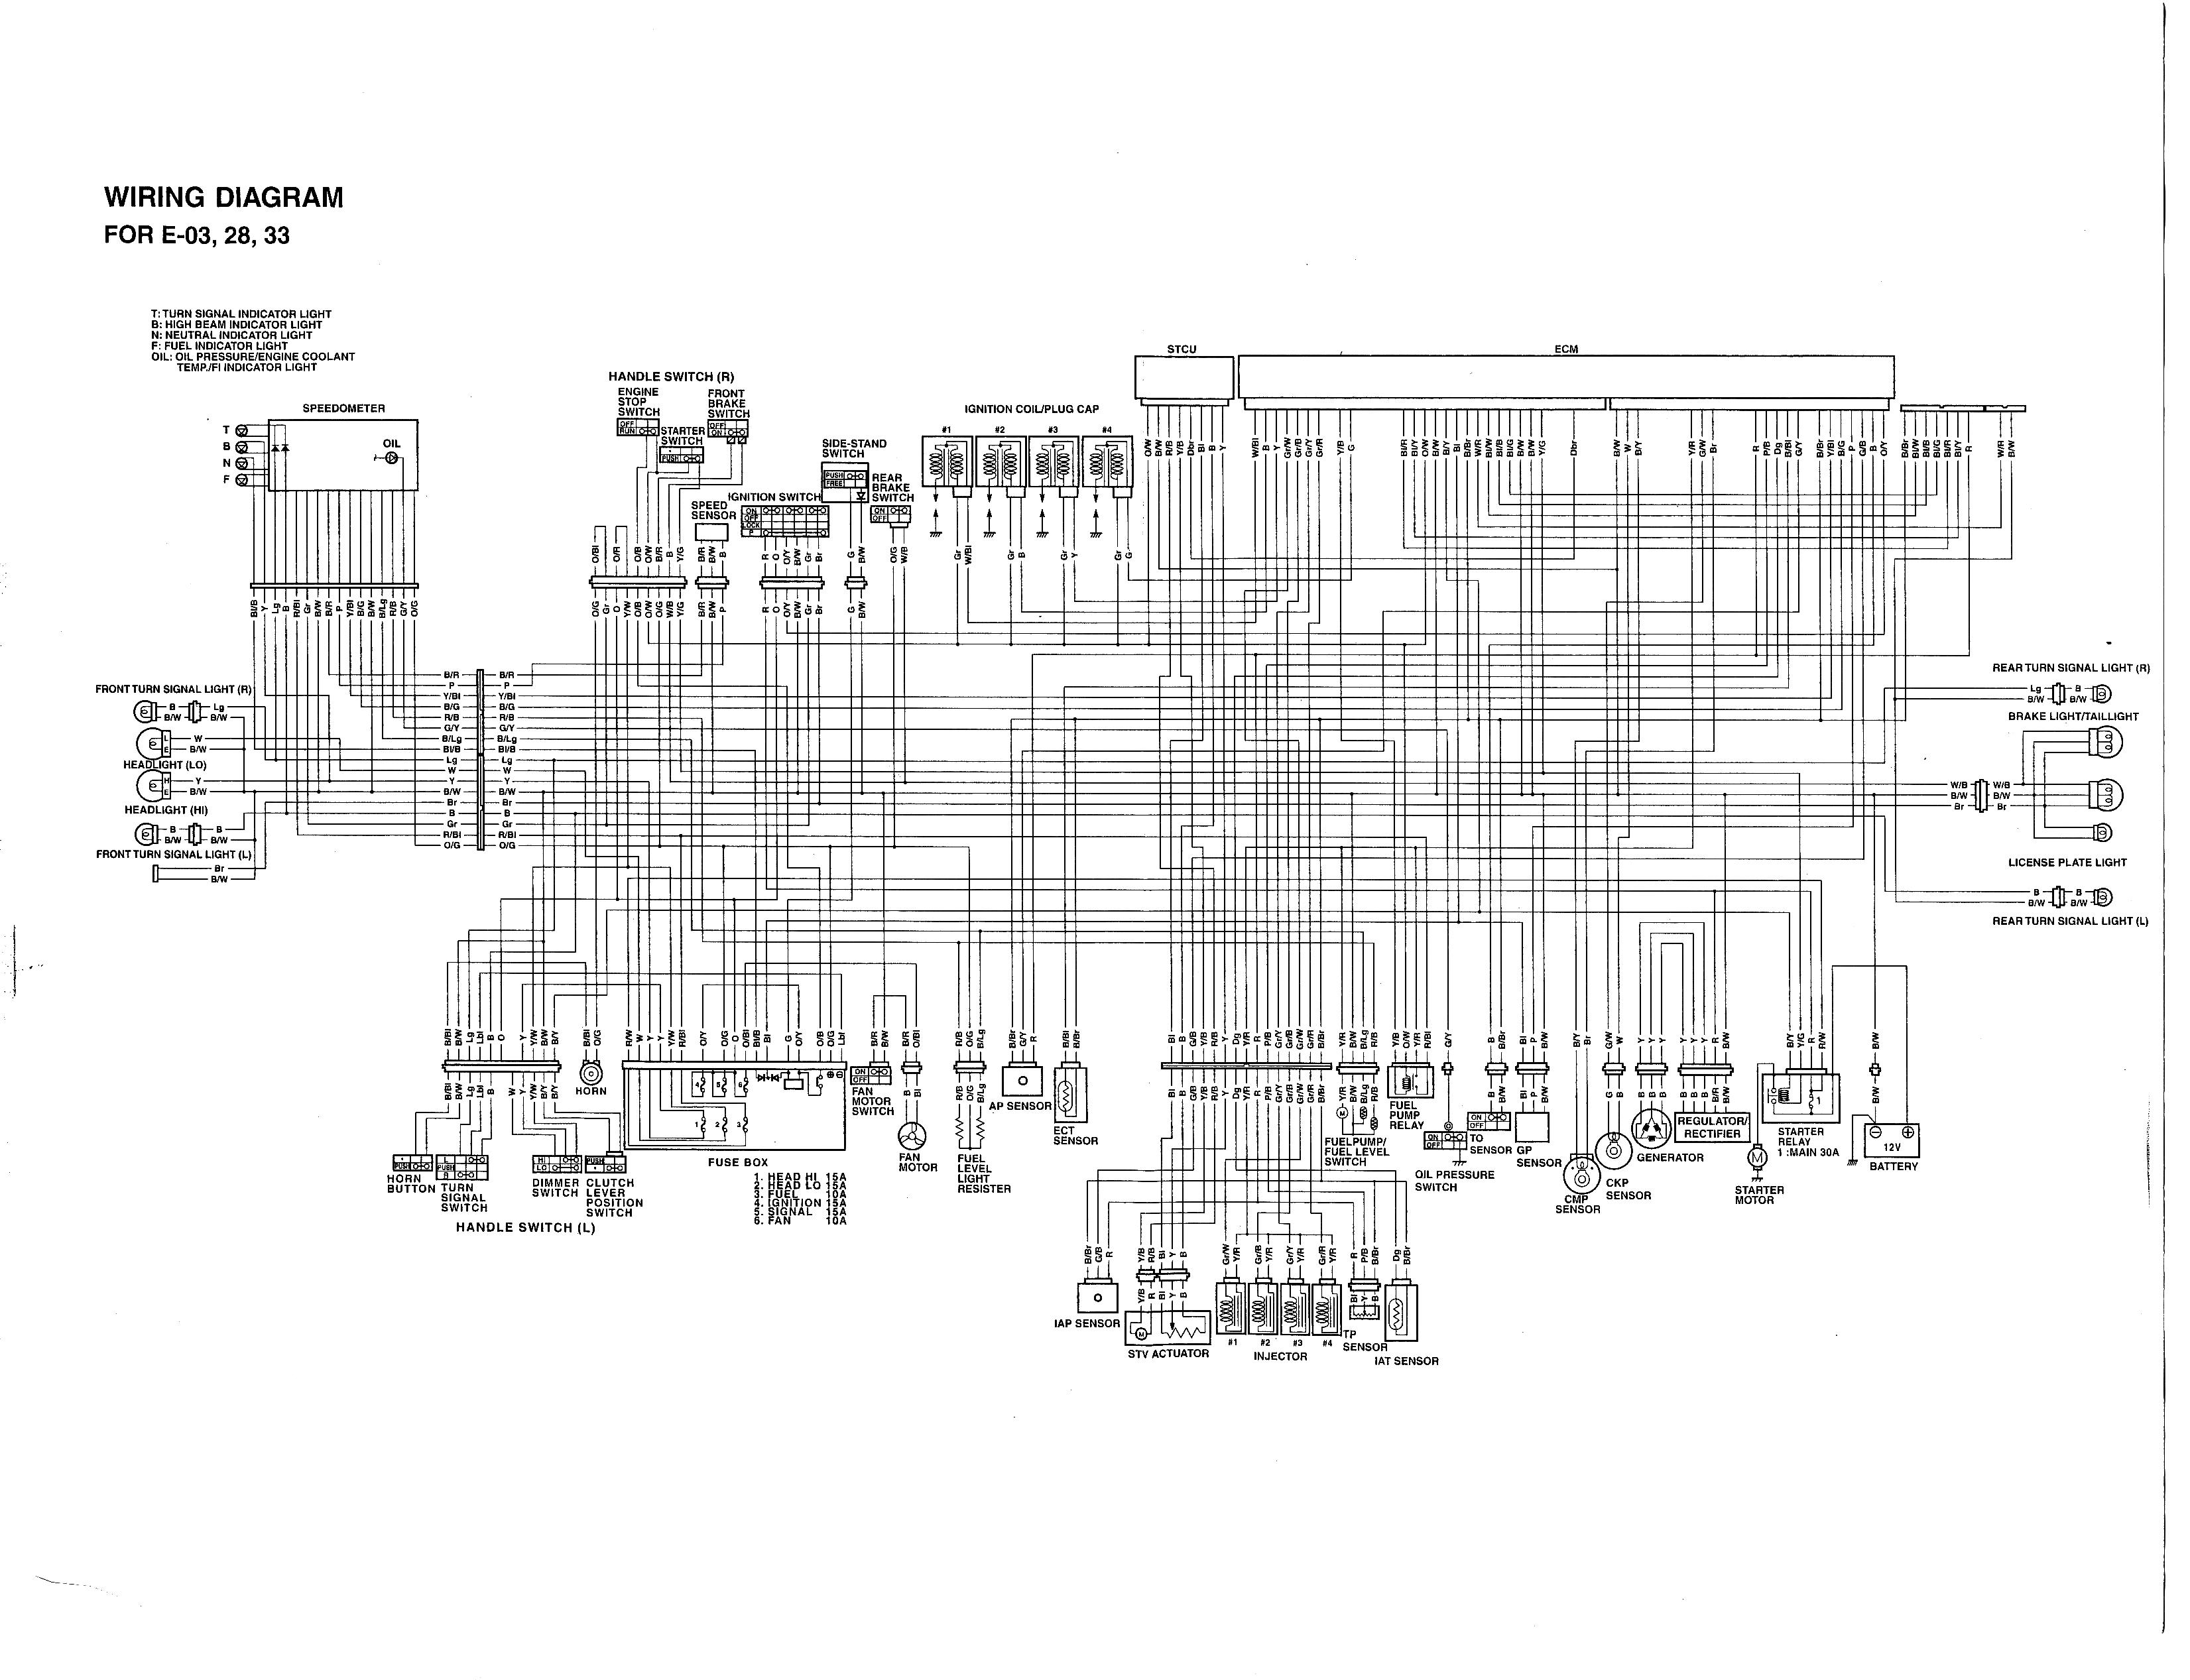 2005 suzuki gsxr 600 wiring diagram dk 8178  2002 suzuki katana wiring diagram fixya schematic wiring  2002 suzuki katana wiring diagram fixya